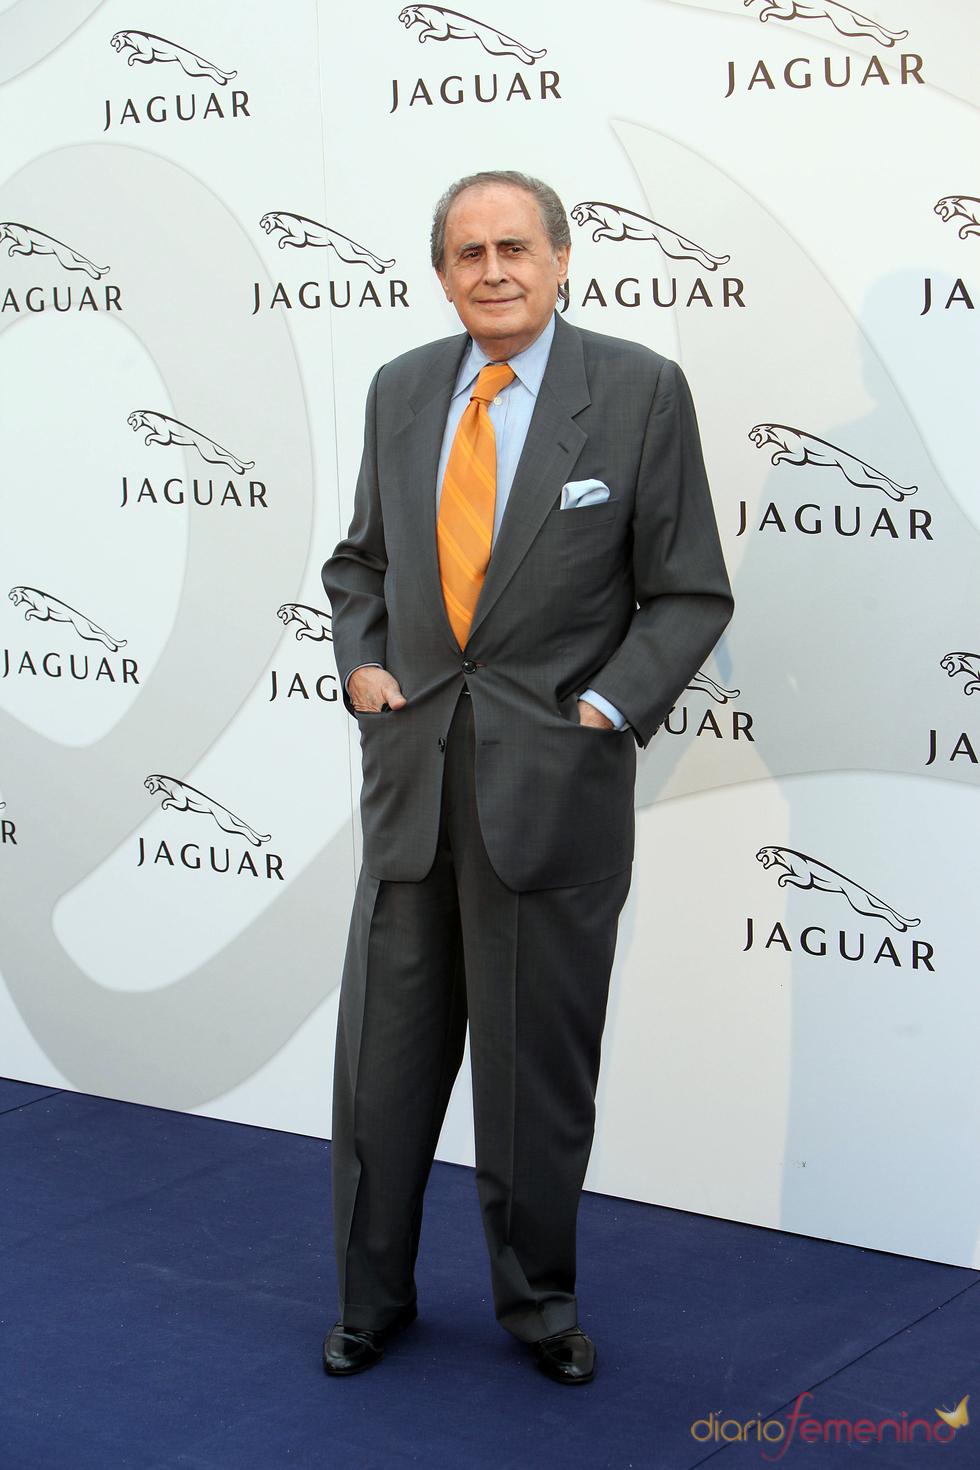 Jaime Peñafiel en un acto promocional de la firma Jaguar